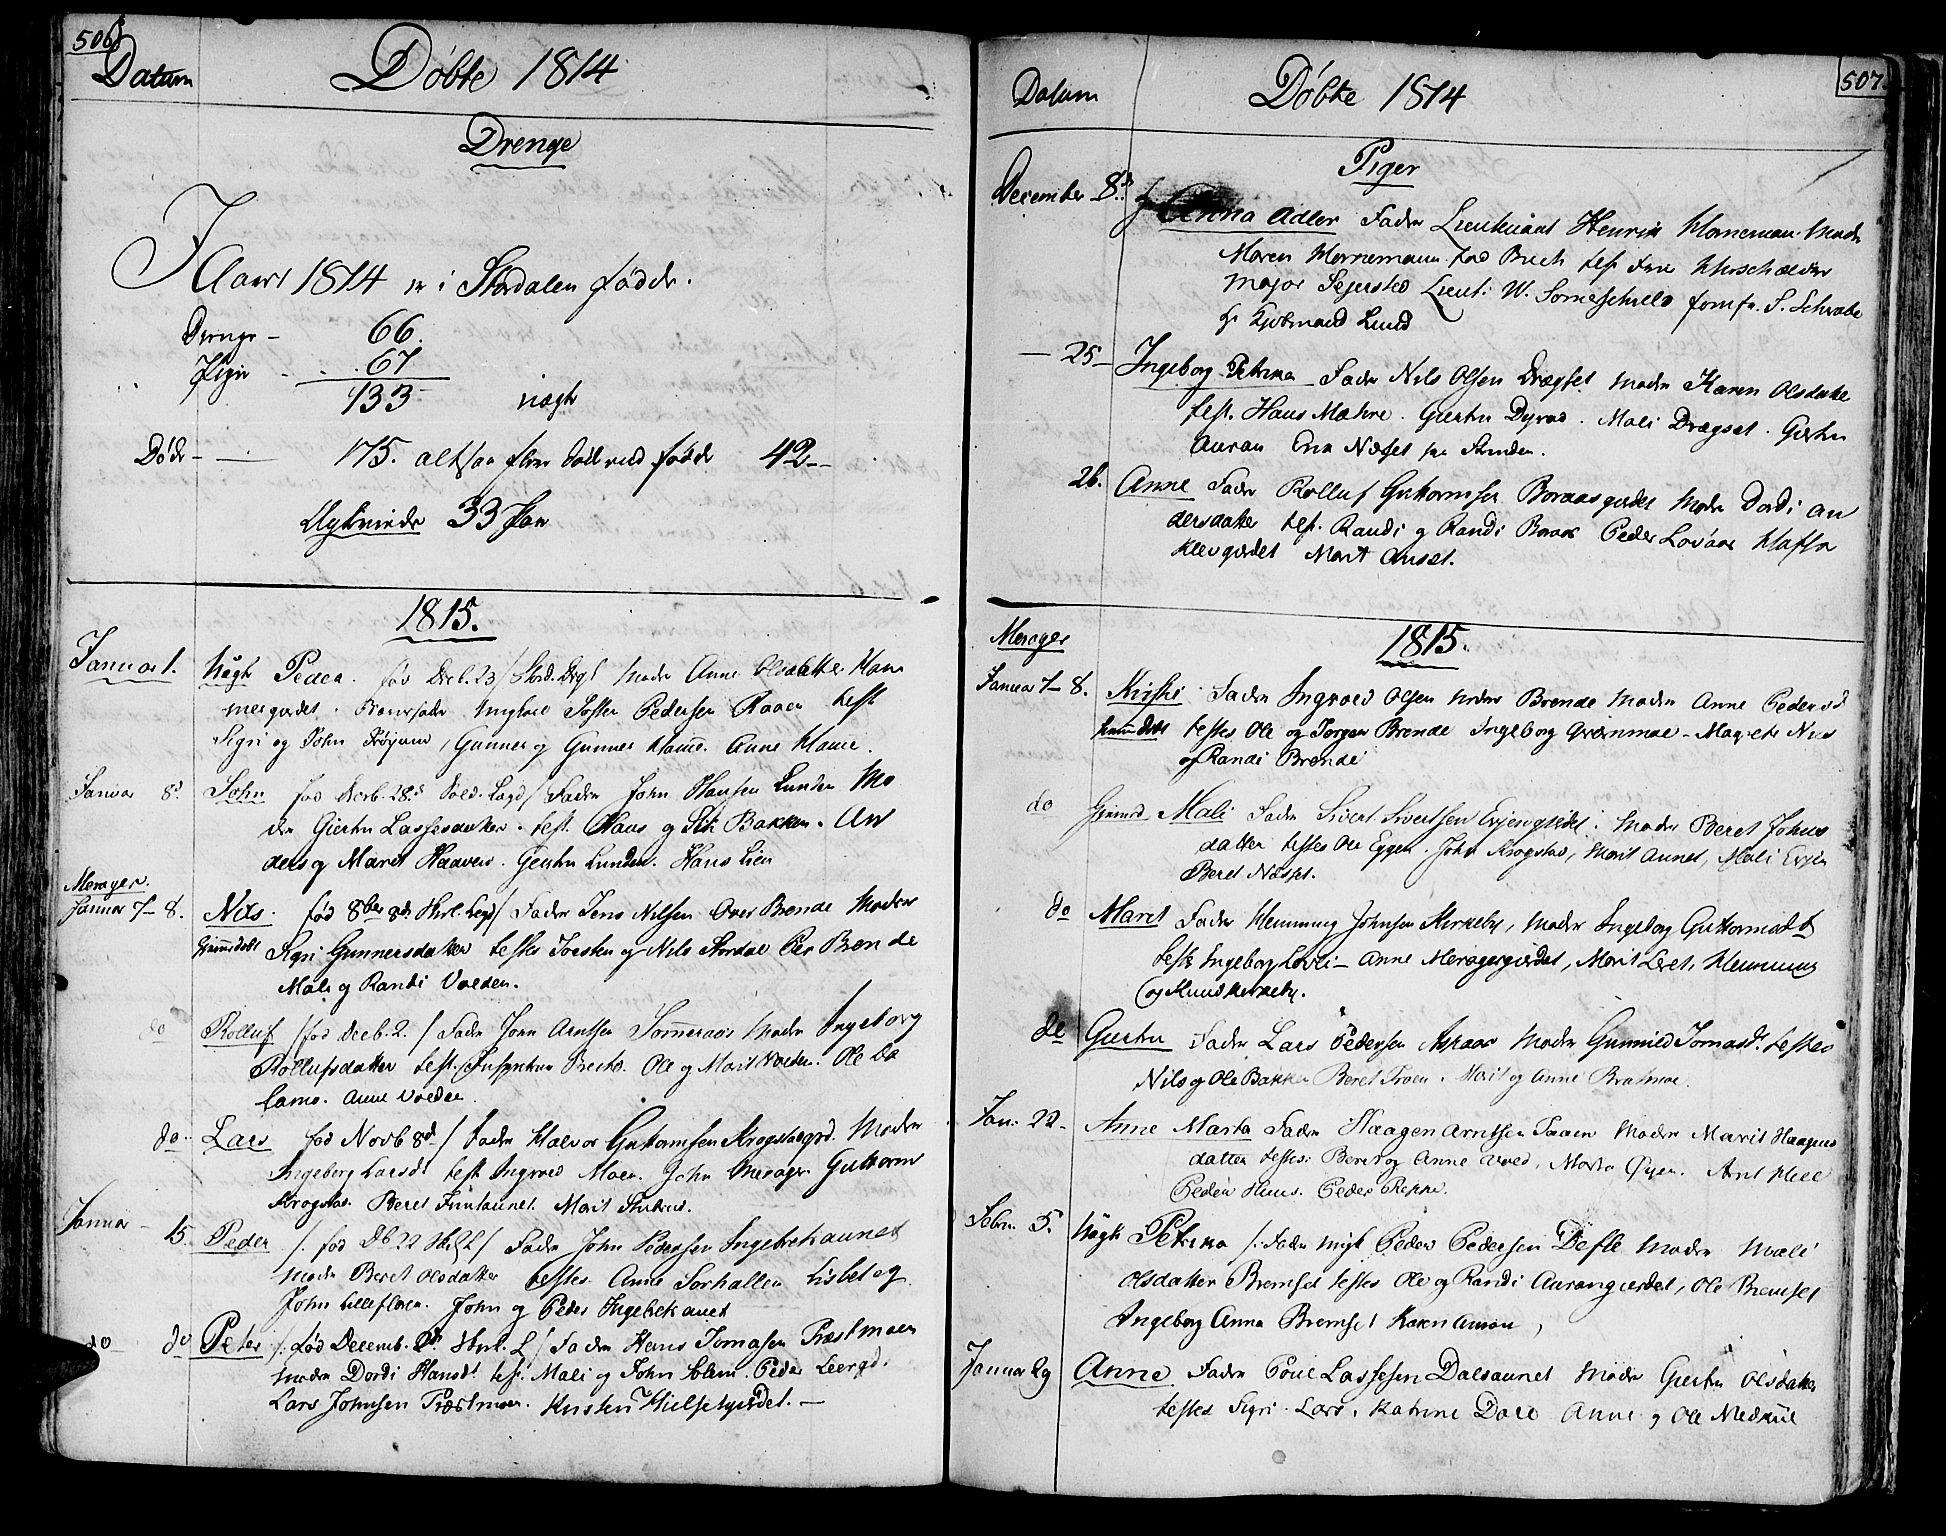 SAT, Ministerialprotokoller, klokkerbøker og fødselsregistre - Nord-Trøndelag, 709/L0060: Ministerialbok nr. 709A07, 1797-1815, s. 506-507